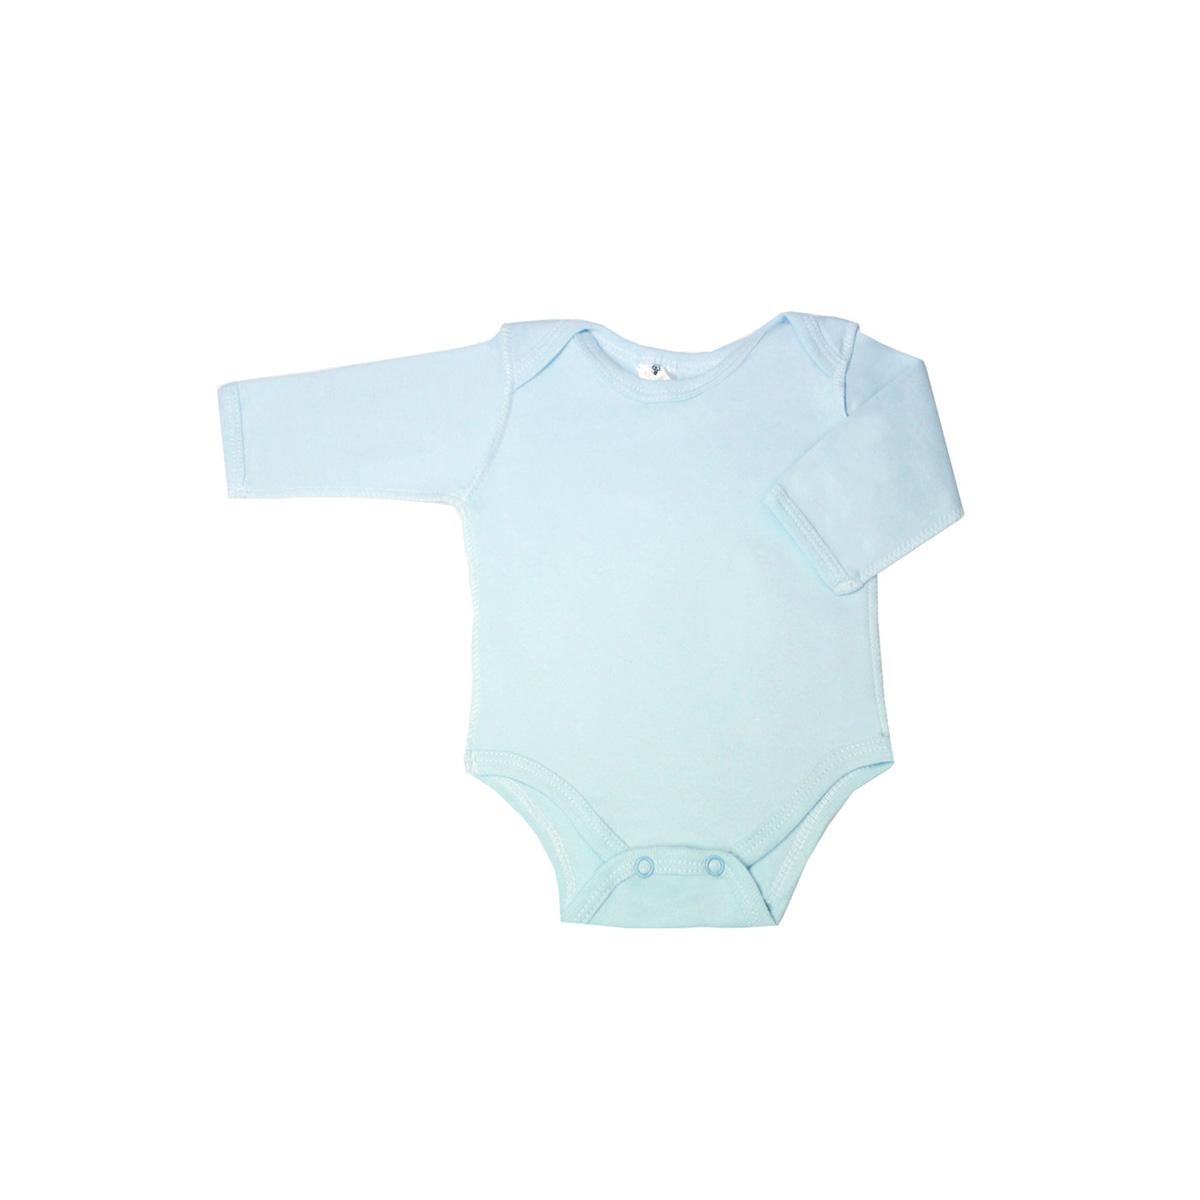 Боди с рукавом КОТМАРКОТ для мальчика, цвет однотонный голубой 0-1 мес (размер 56)<br>